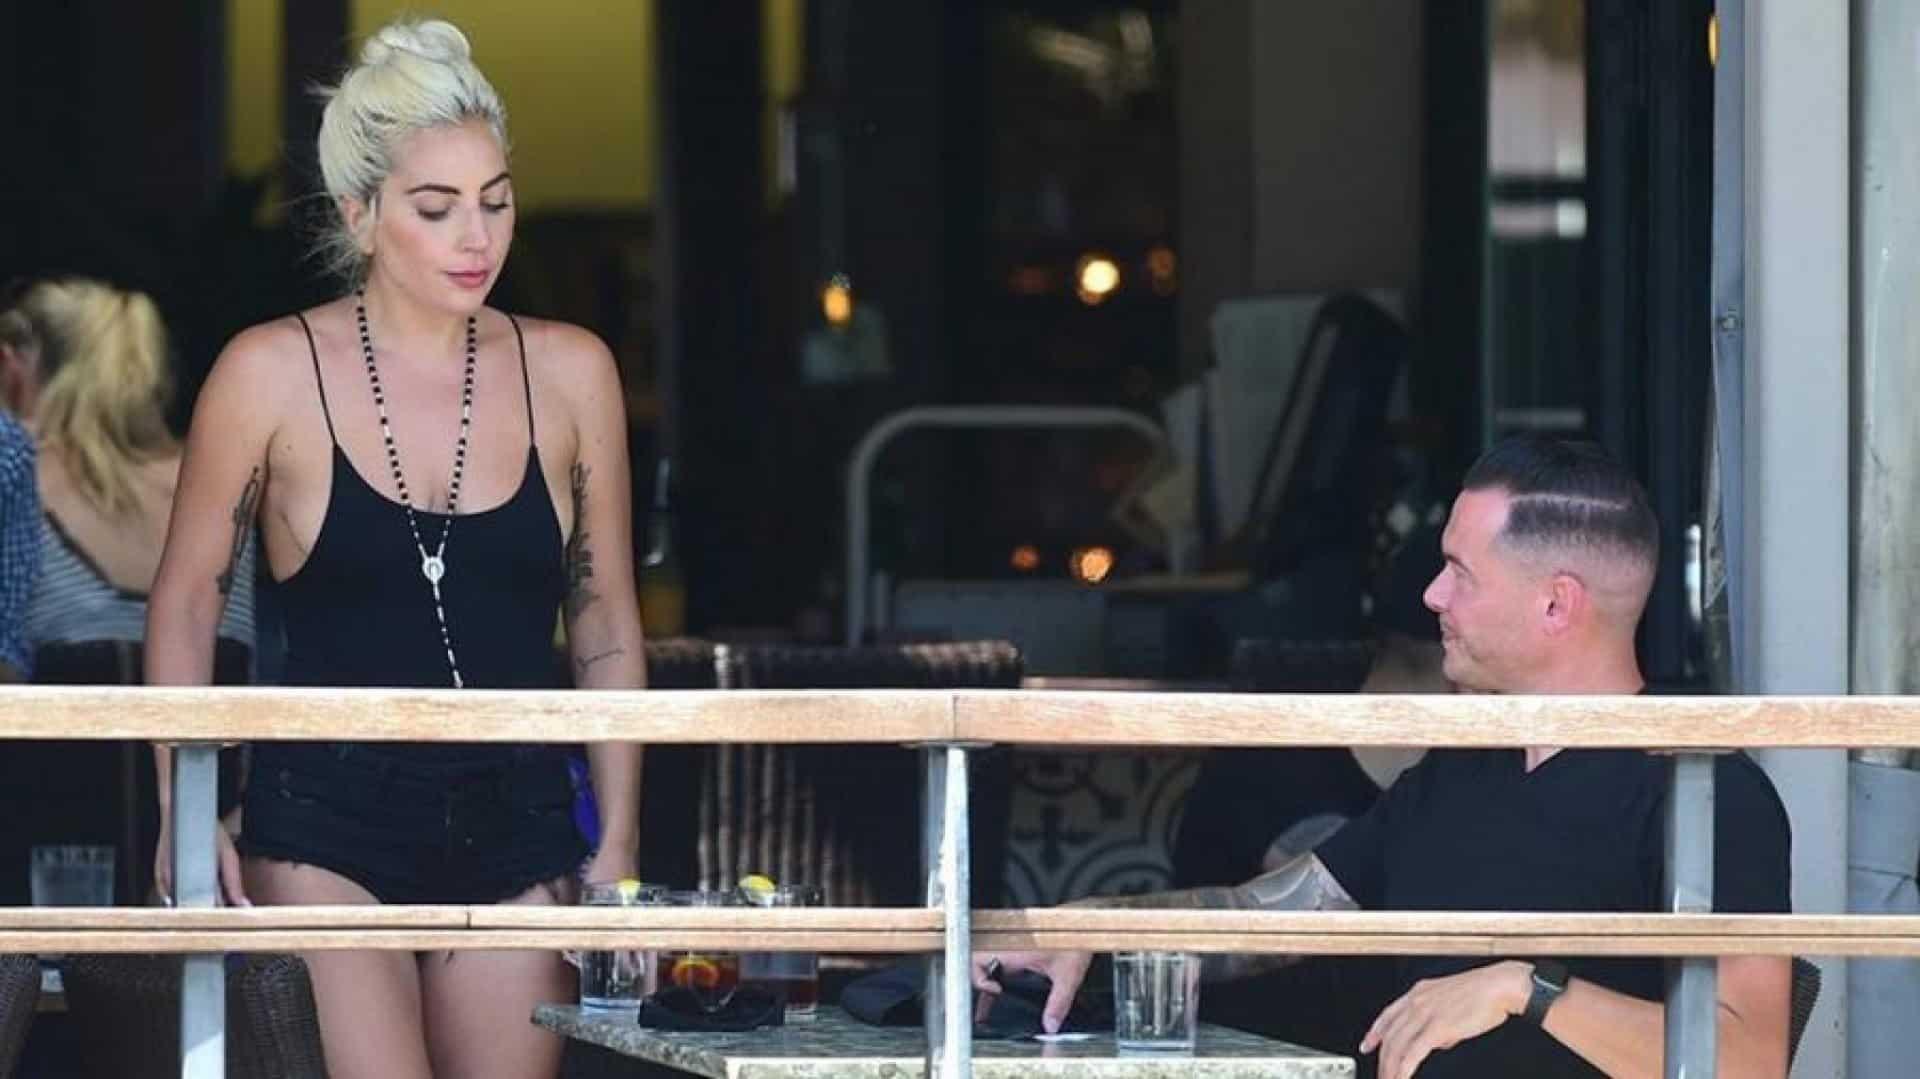 Что сейчас происходит между Леди Гага, Брэдли Купером и Ириной Шейк